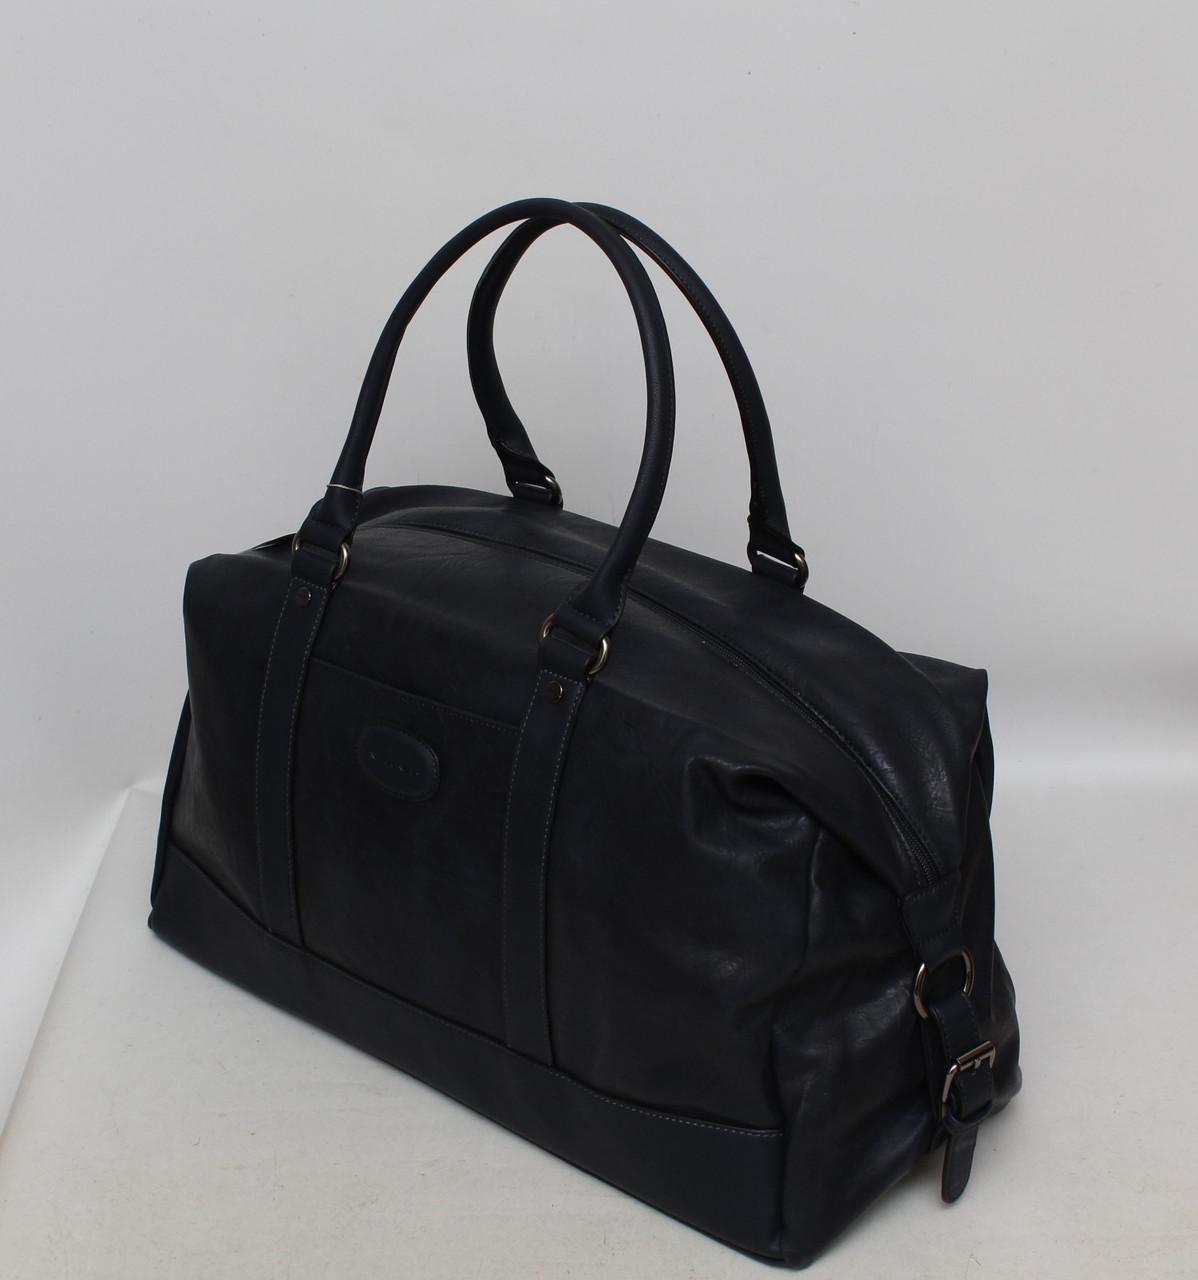 45603842fe4c Мужская дорожная сумка David Jones в дорогу: продажа, цена в ...